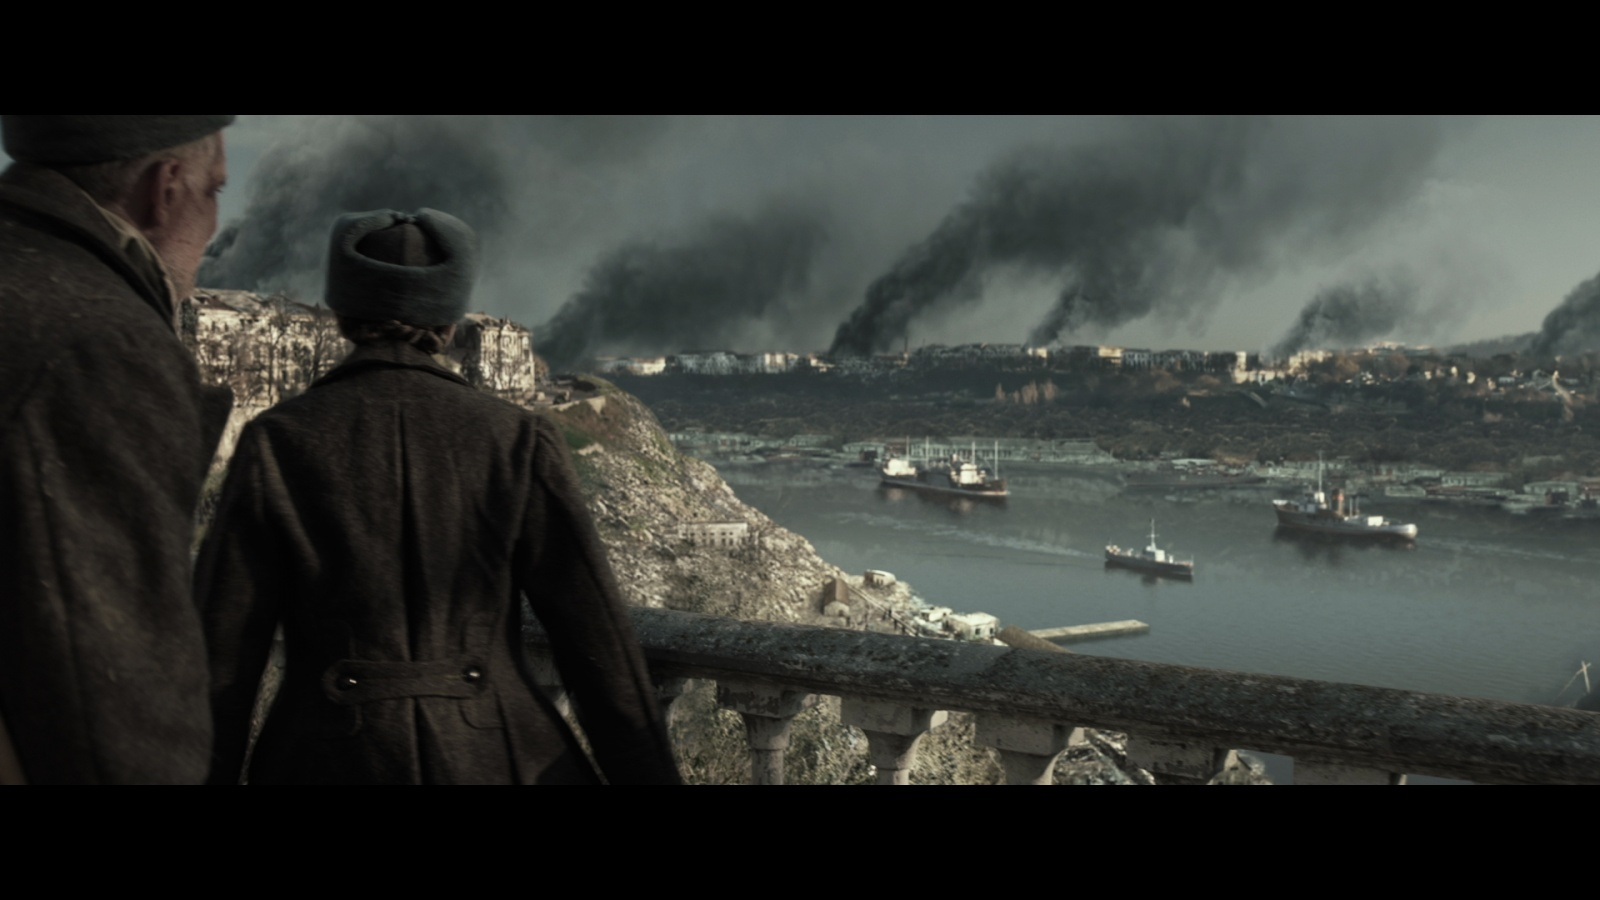 картинка битва за севастополь только фолловеры недоумением